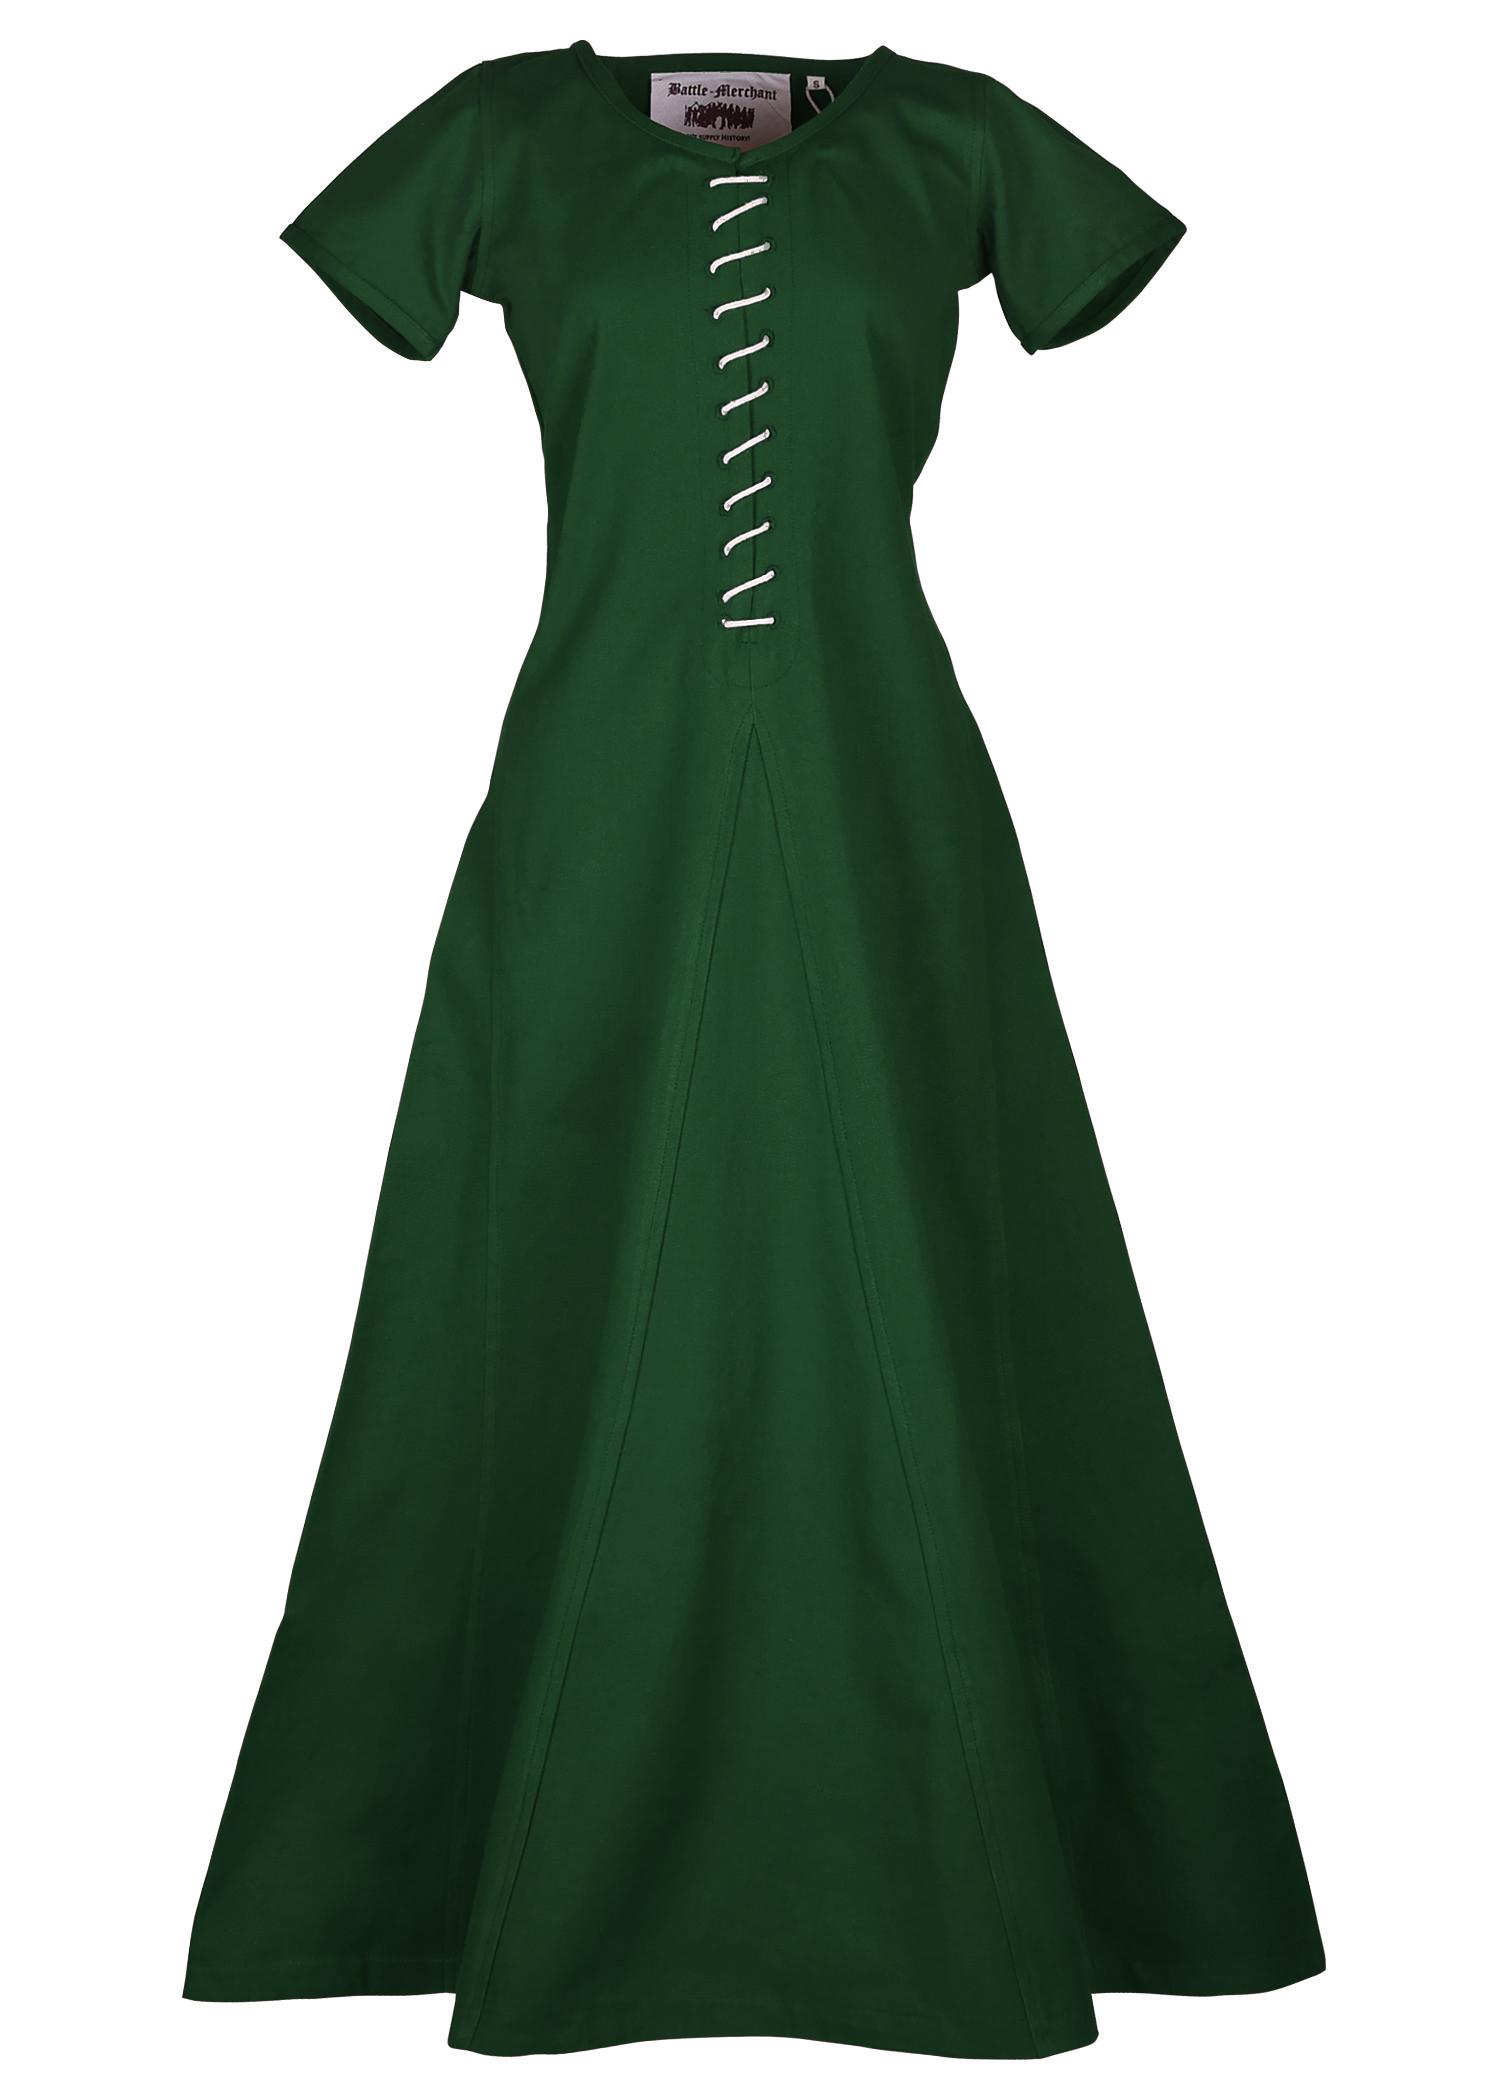 Kurzärmelige Cotehardie Ava, Mittelalterkleid, grün